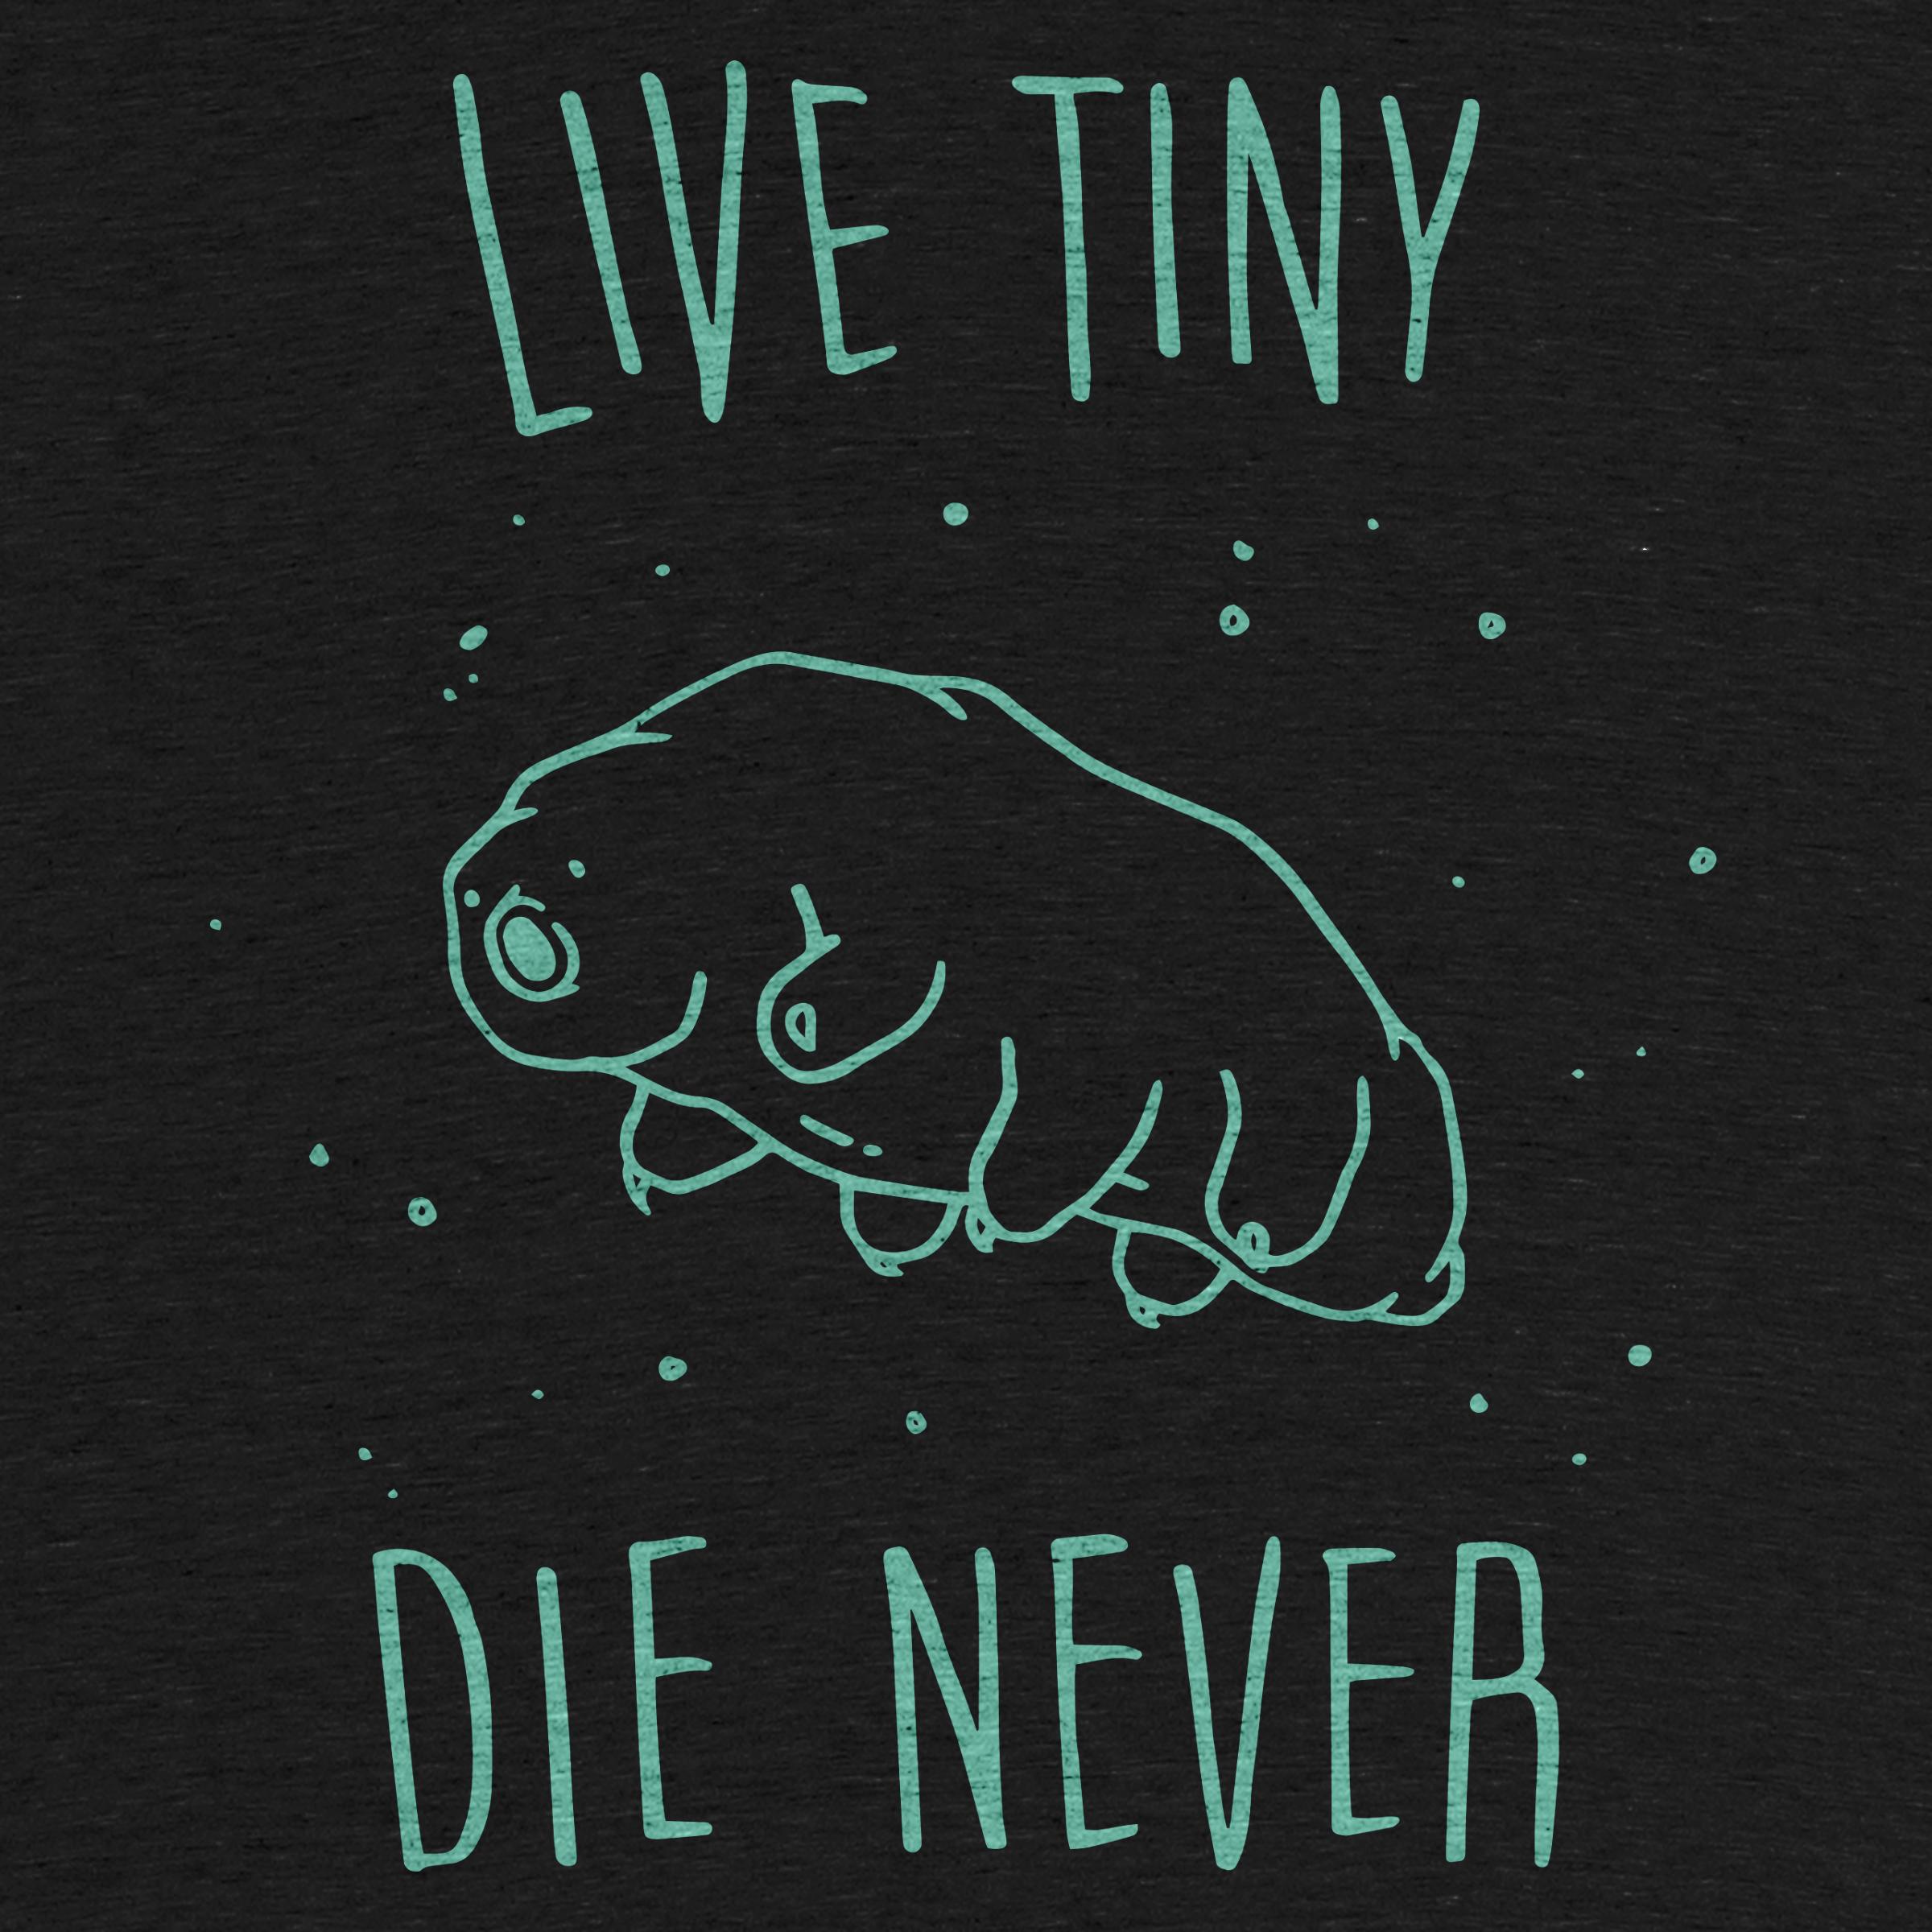 Live Tiny Tardigrade